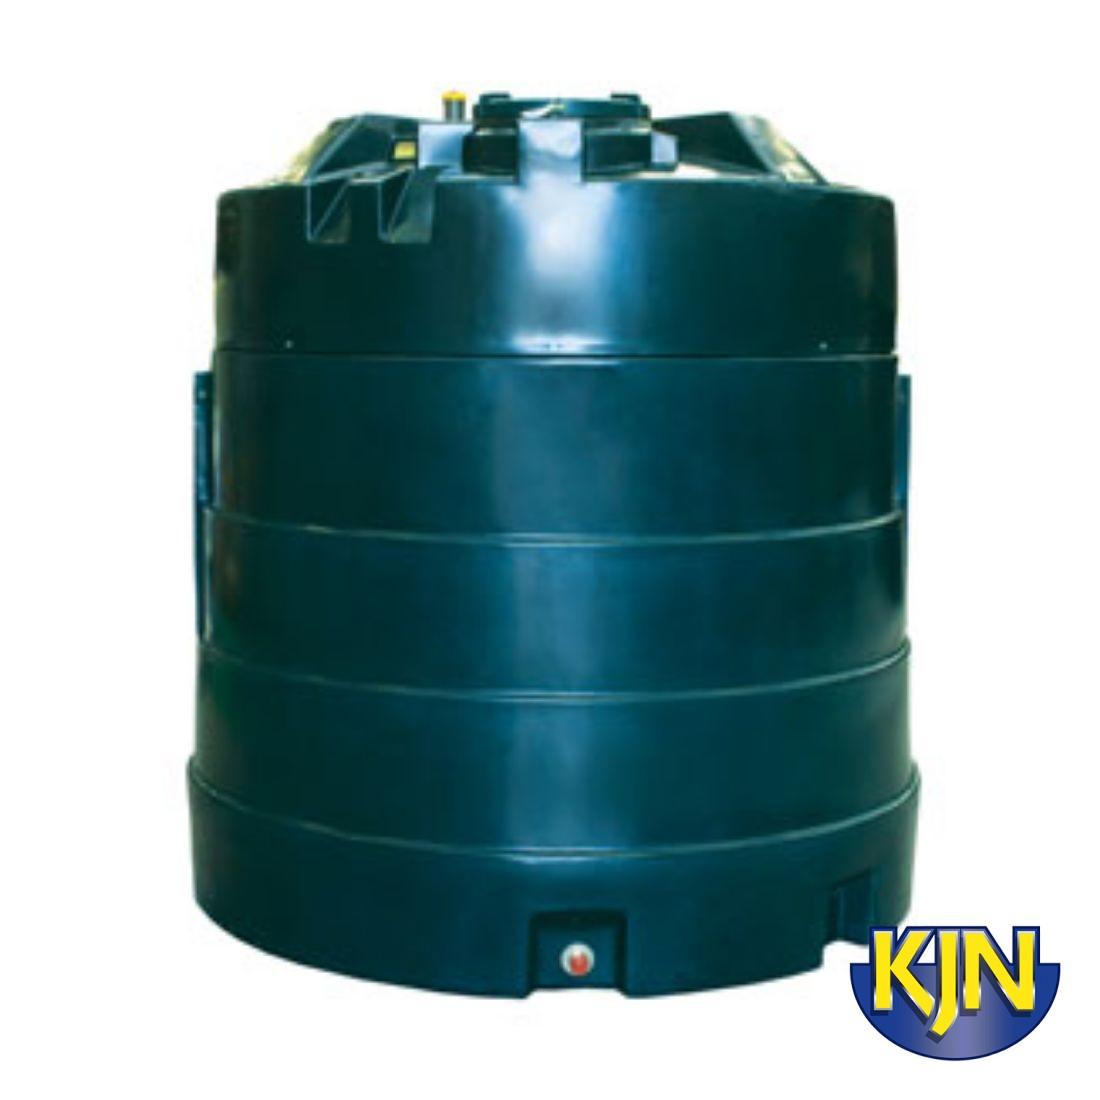 Titan Ecosafe Bunded Oil Tank 5000 Litre Bottom Or Top Outlet